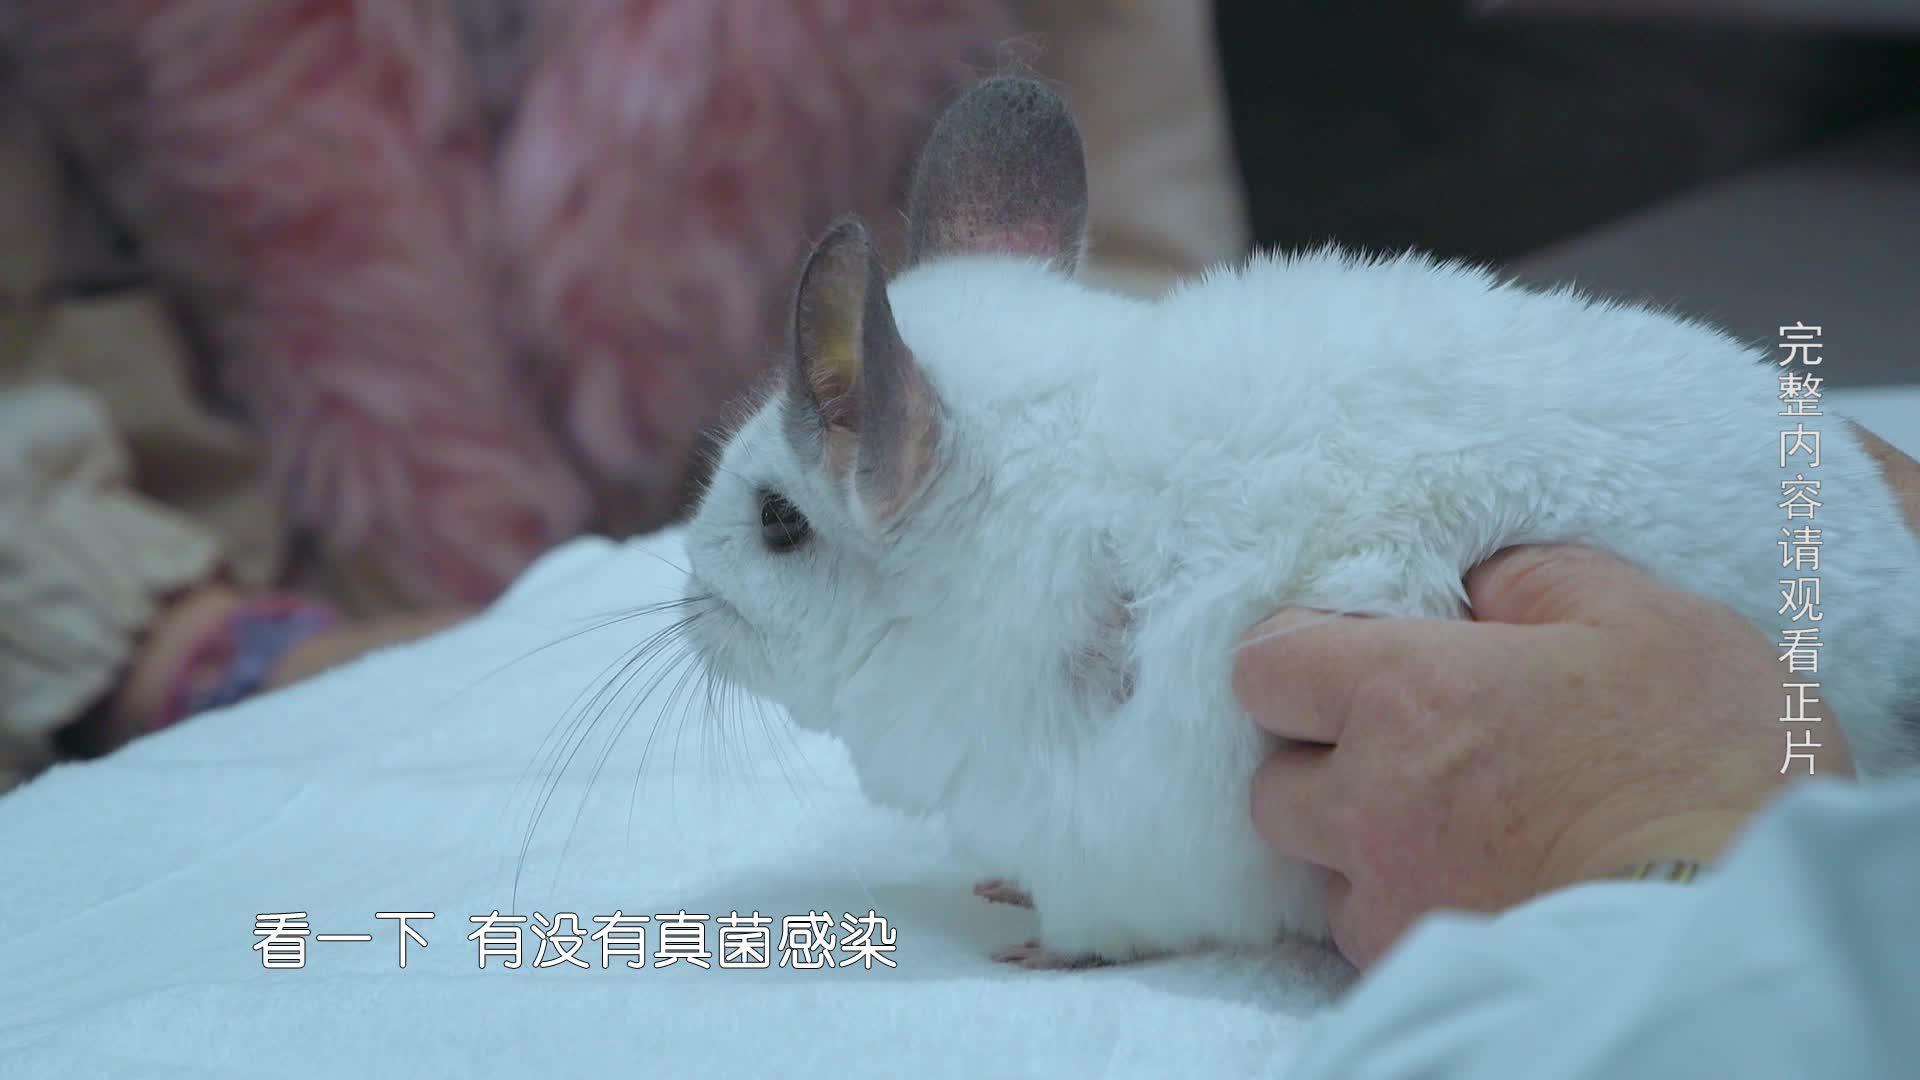 【小主安康-宠物医院2】龙猫意外掉毛